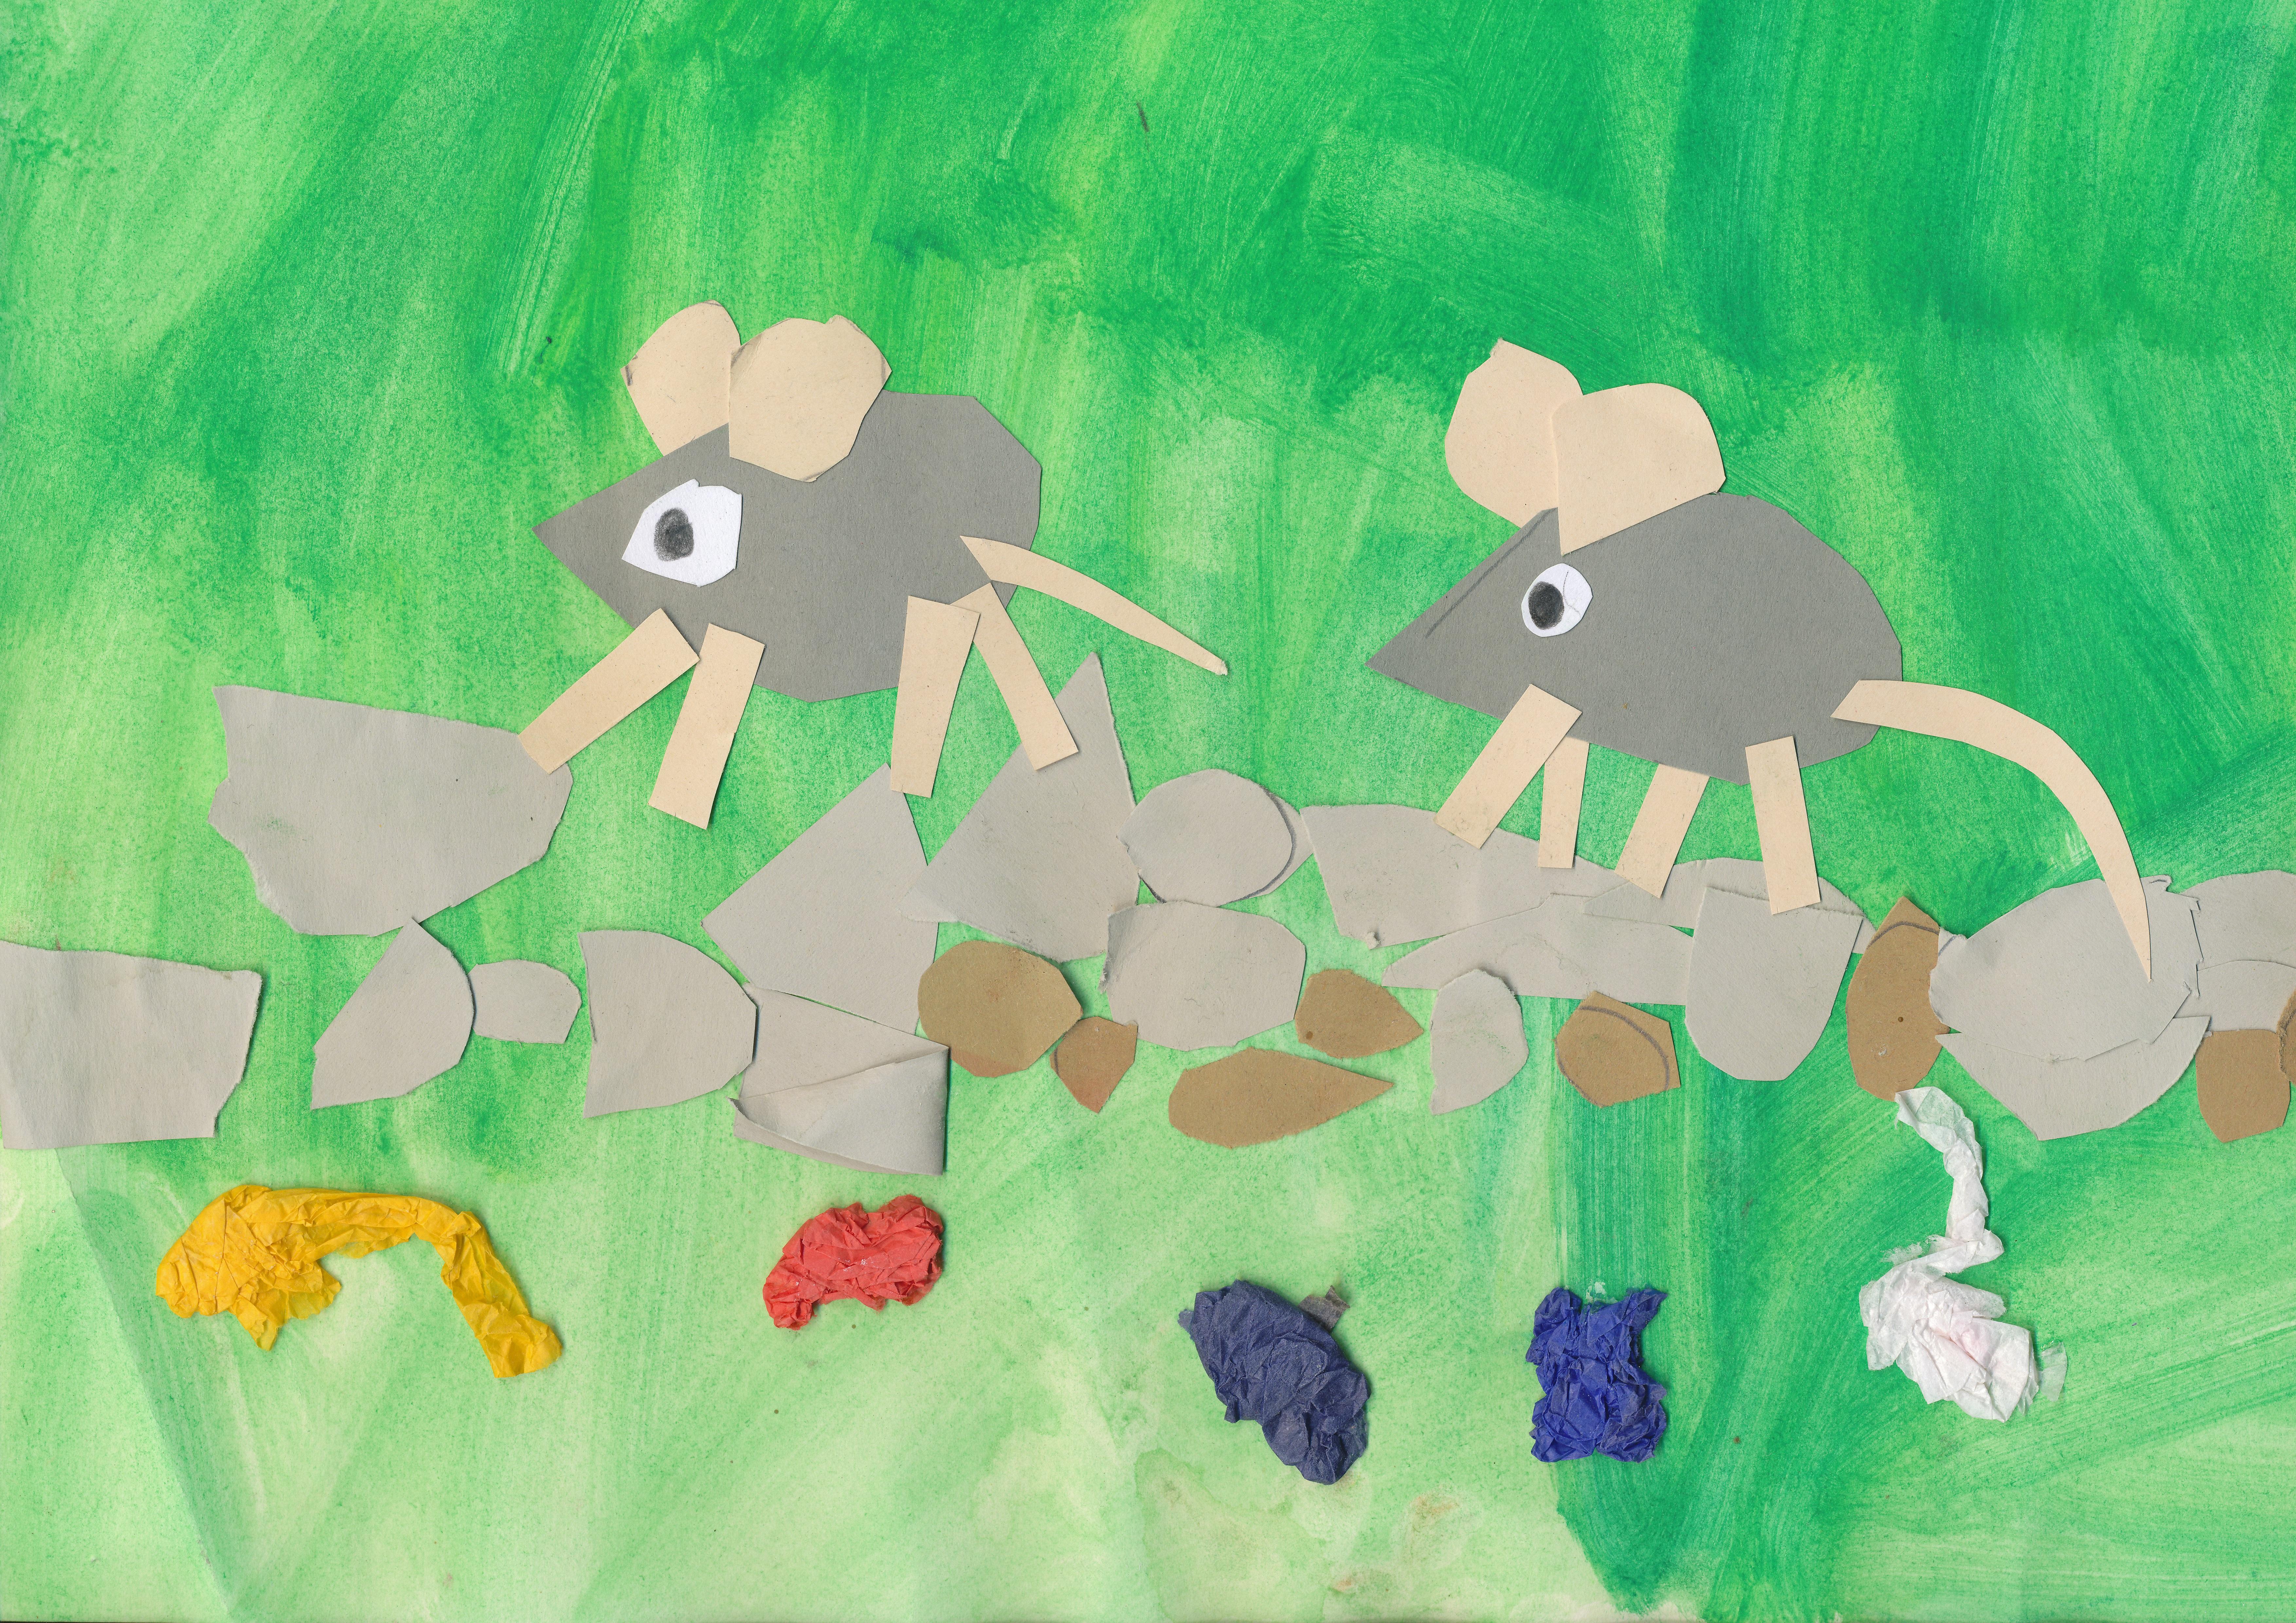 Drawn rodent kindergarten Art : flower children rodents